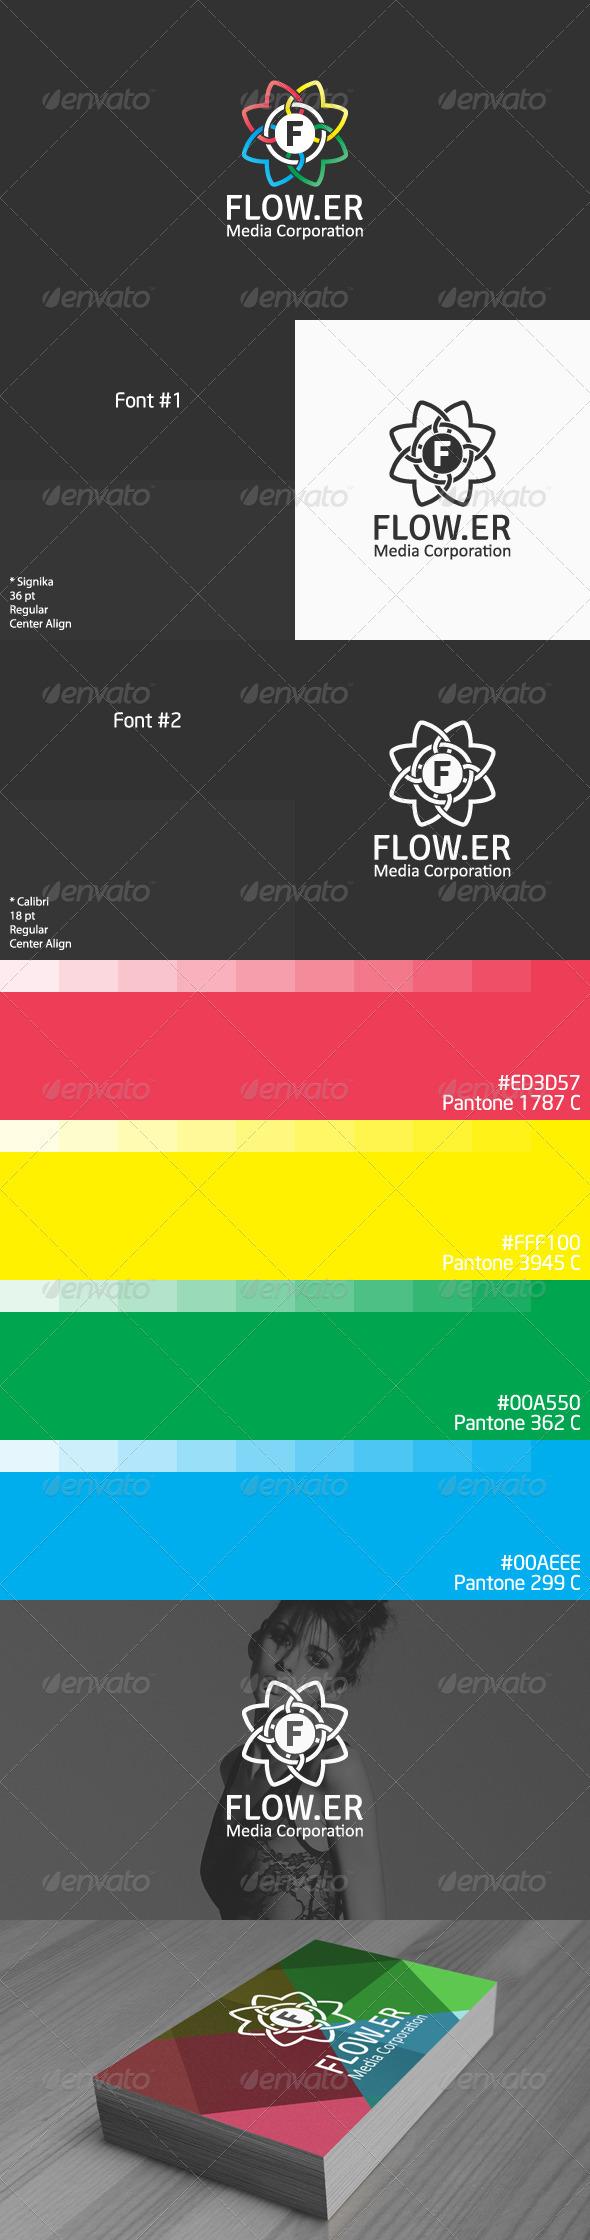 GraphicRiver Flower Logo 3955605